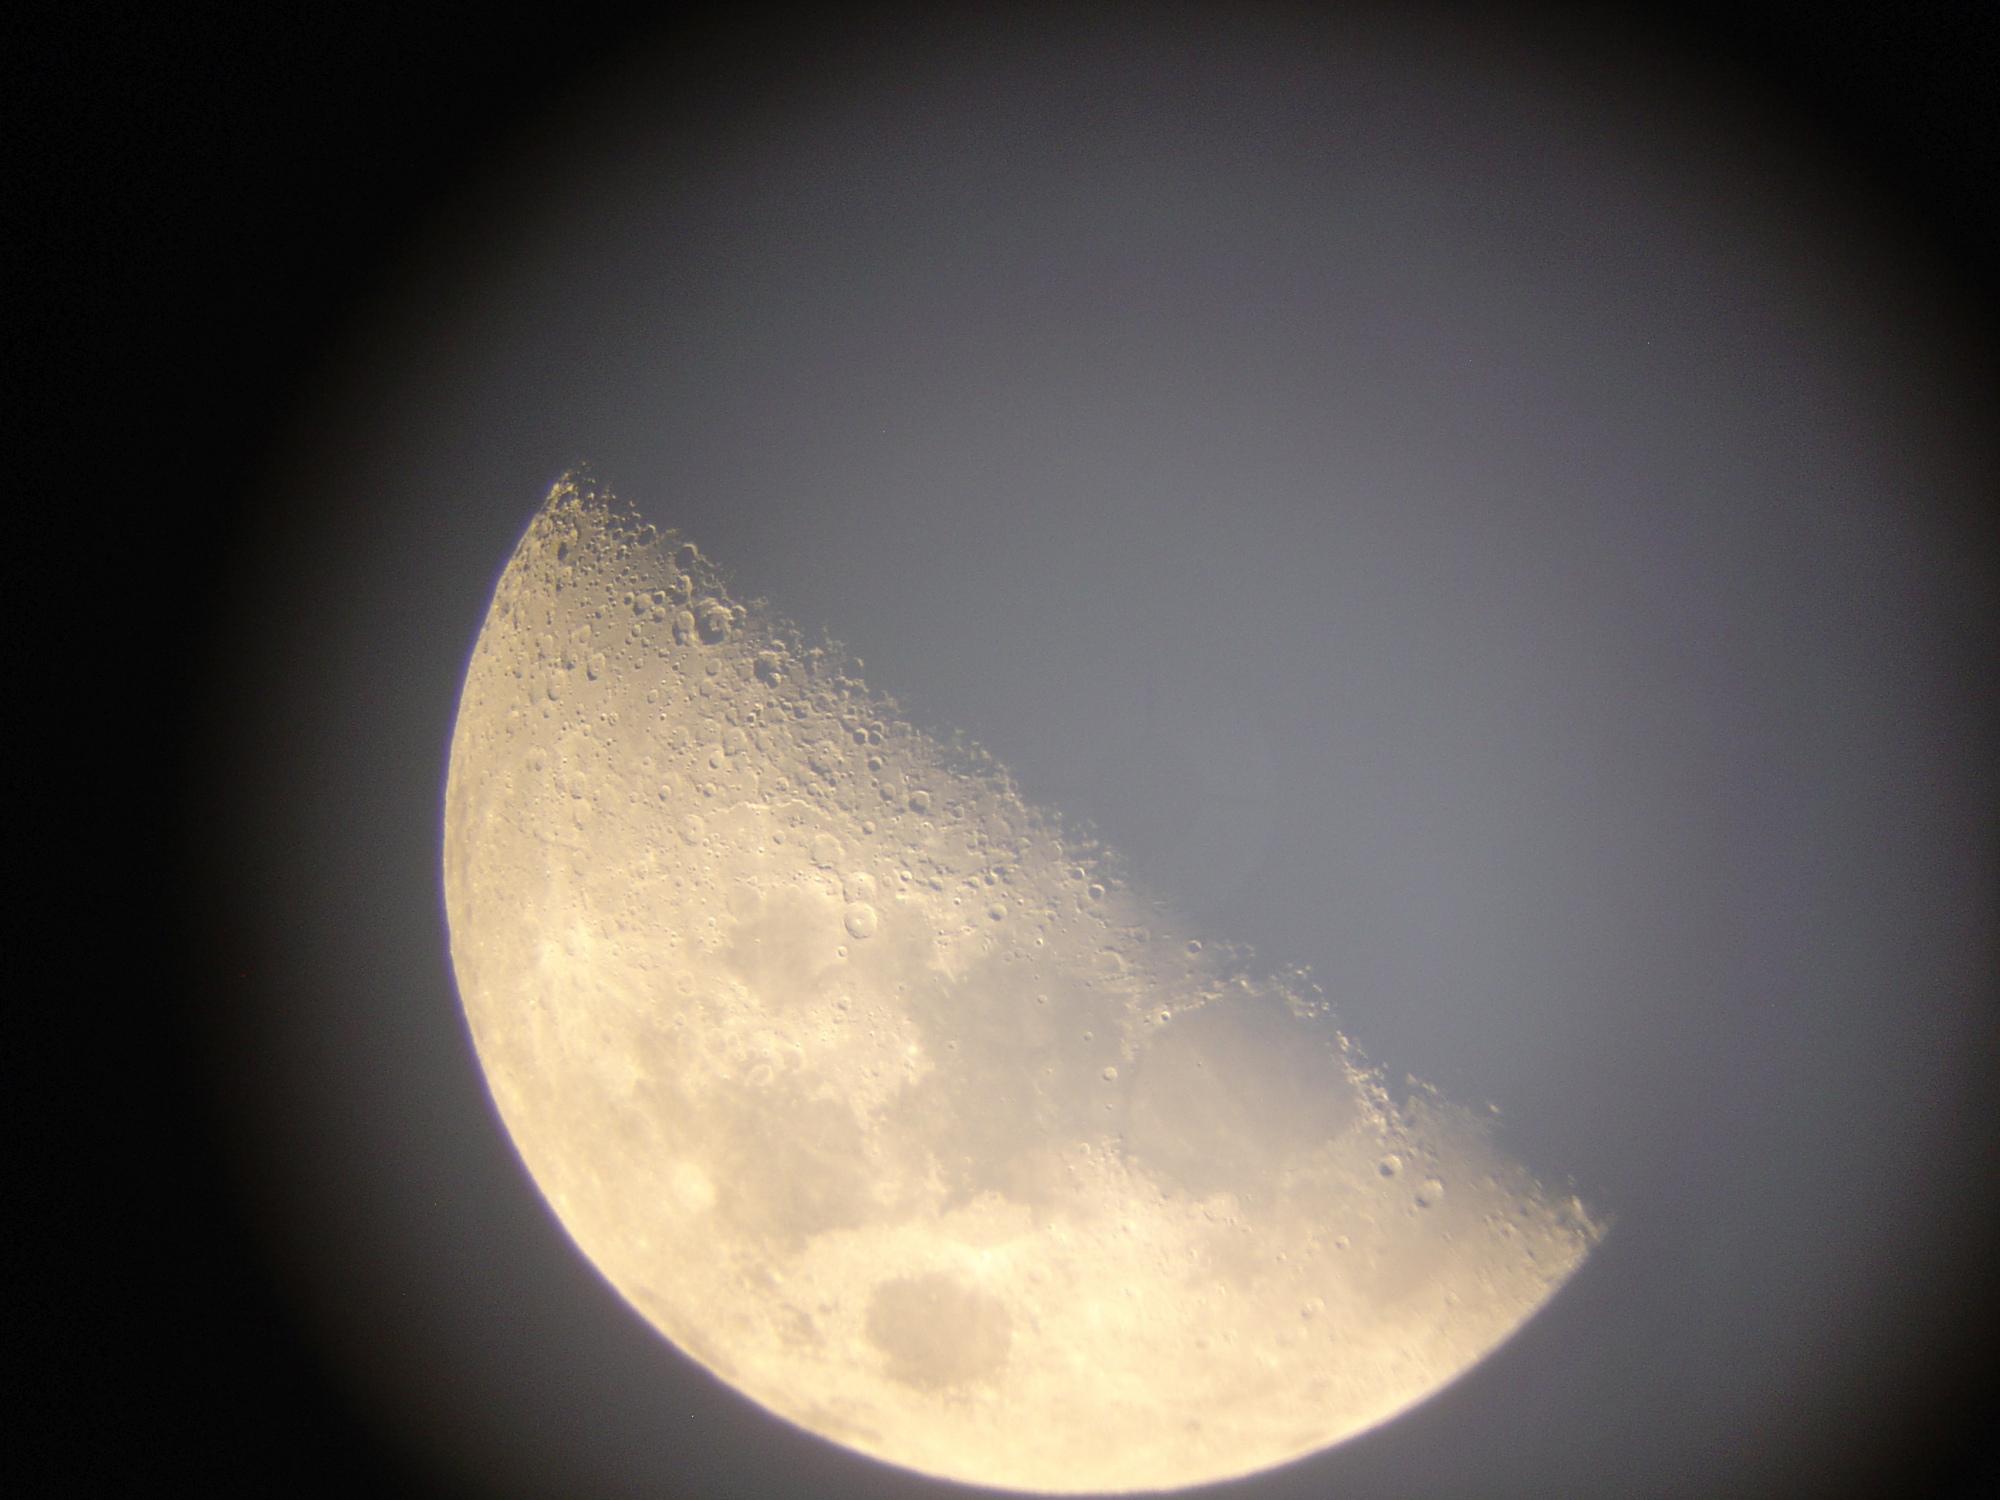 10 lune 150 newton nagler de 16 ou 9 a voir de plus pret .jpg